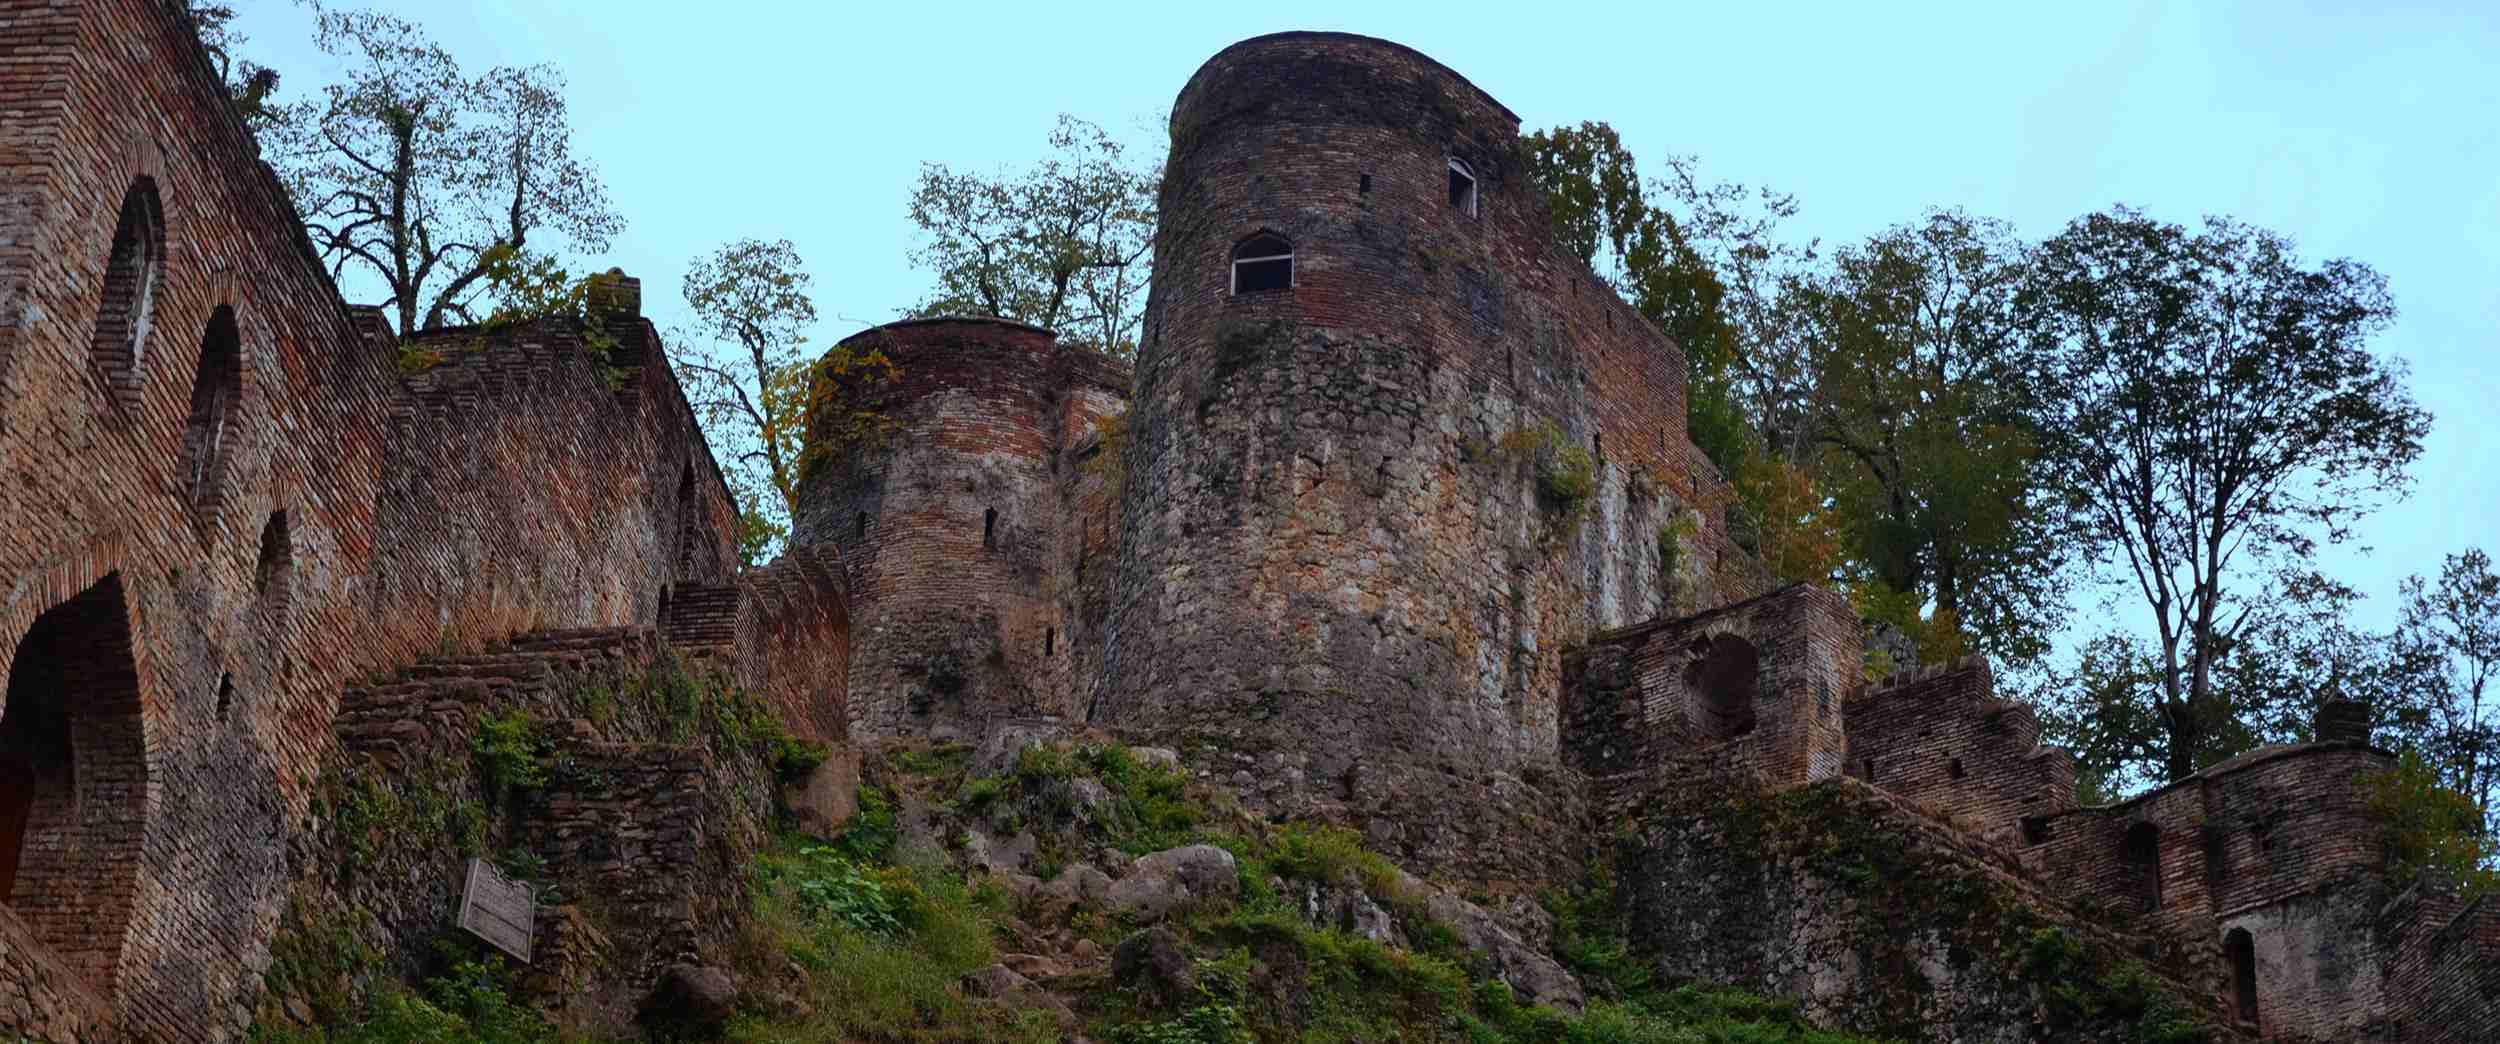 قلعه های ایران ، بازماندهای از افسانههای تاریخی